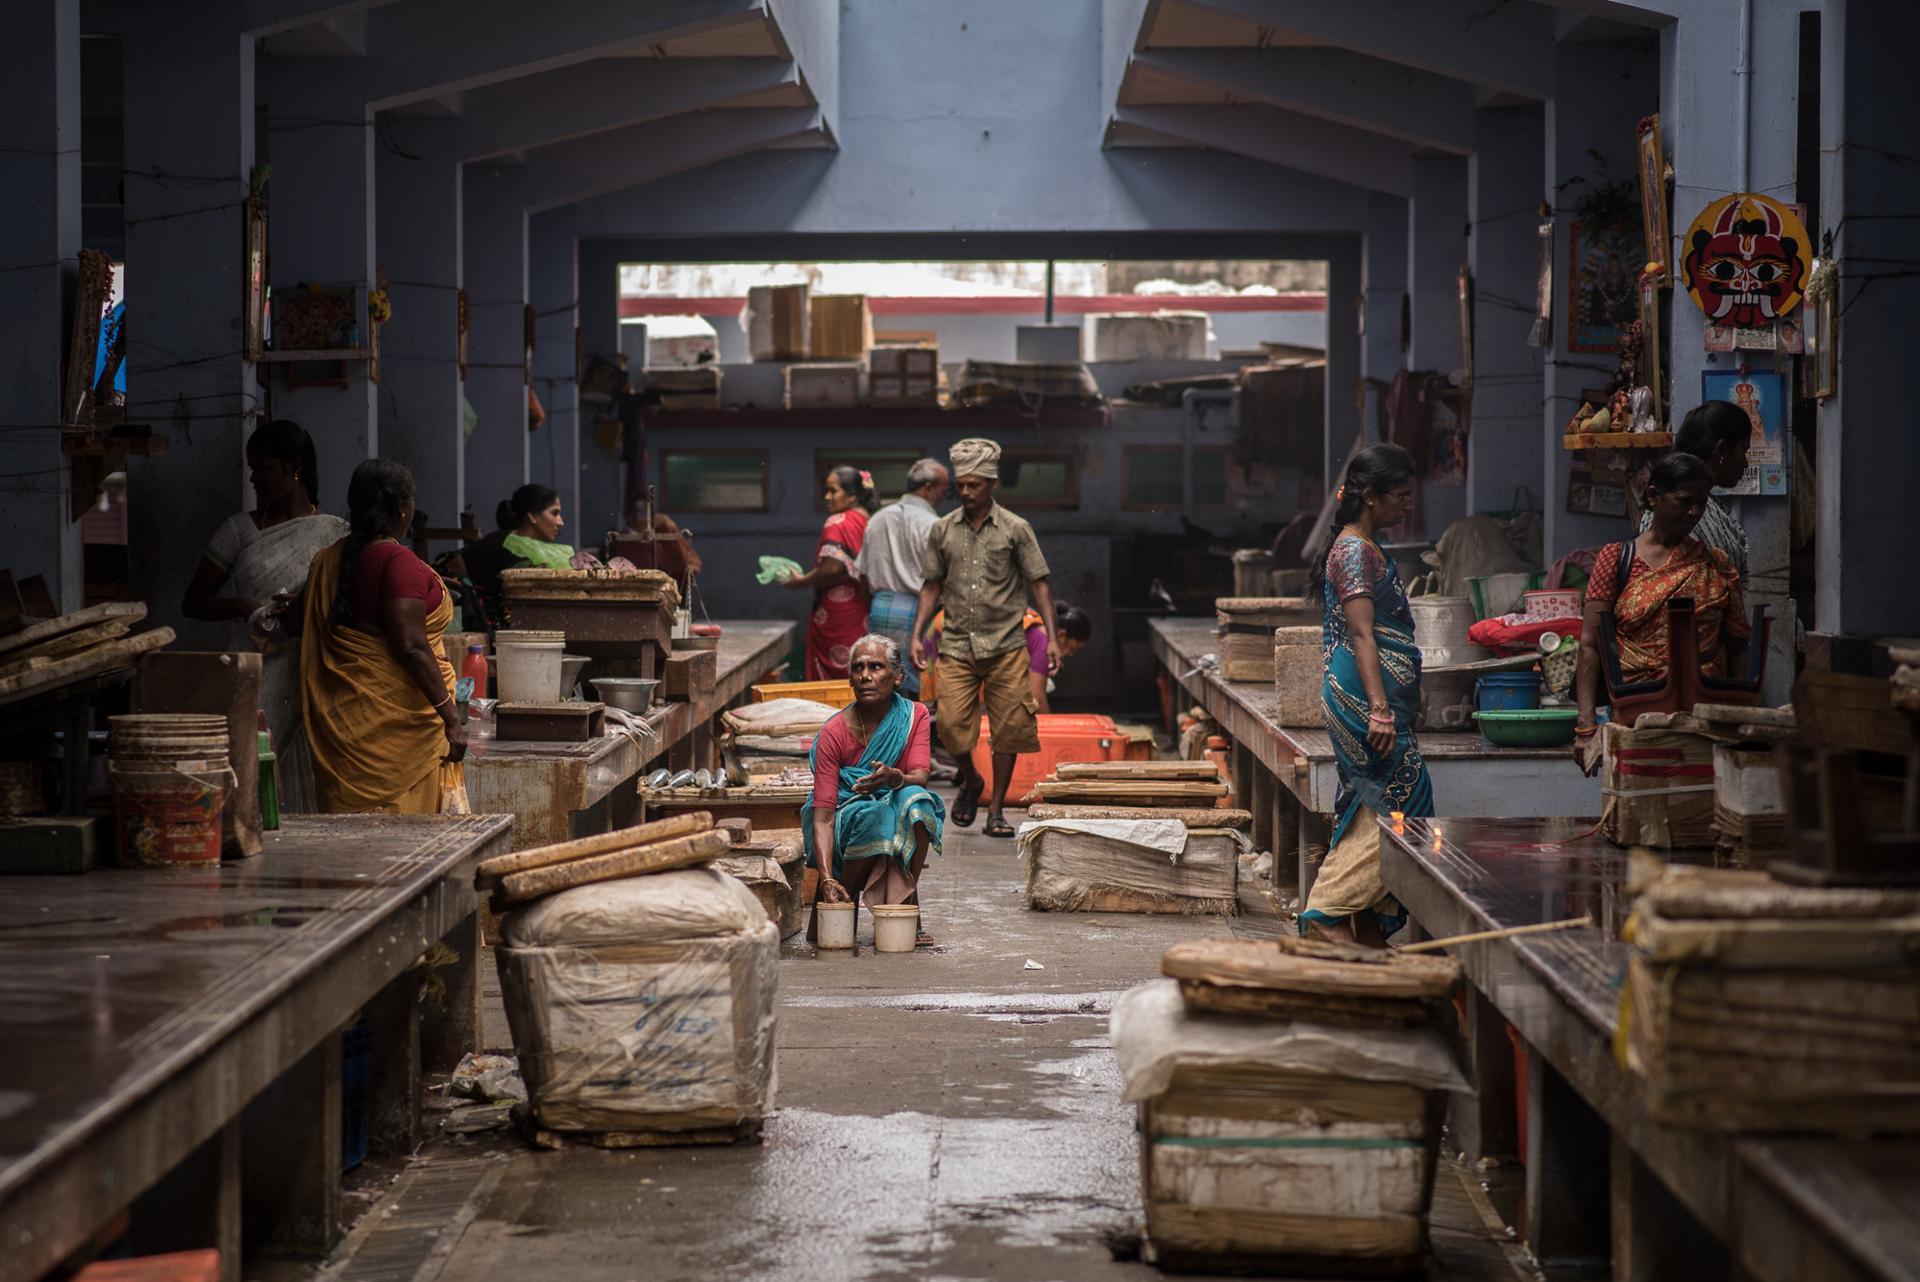 Le marché aux poissons - Inde